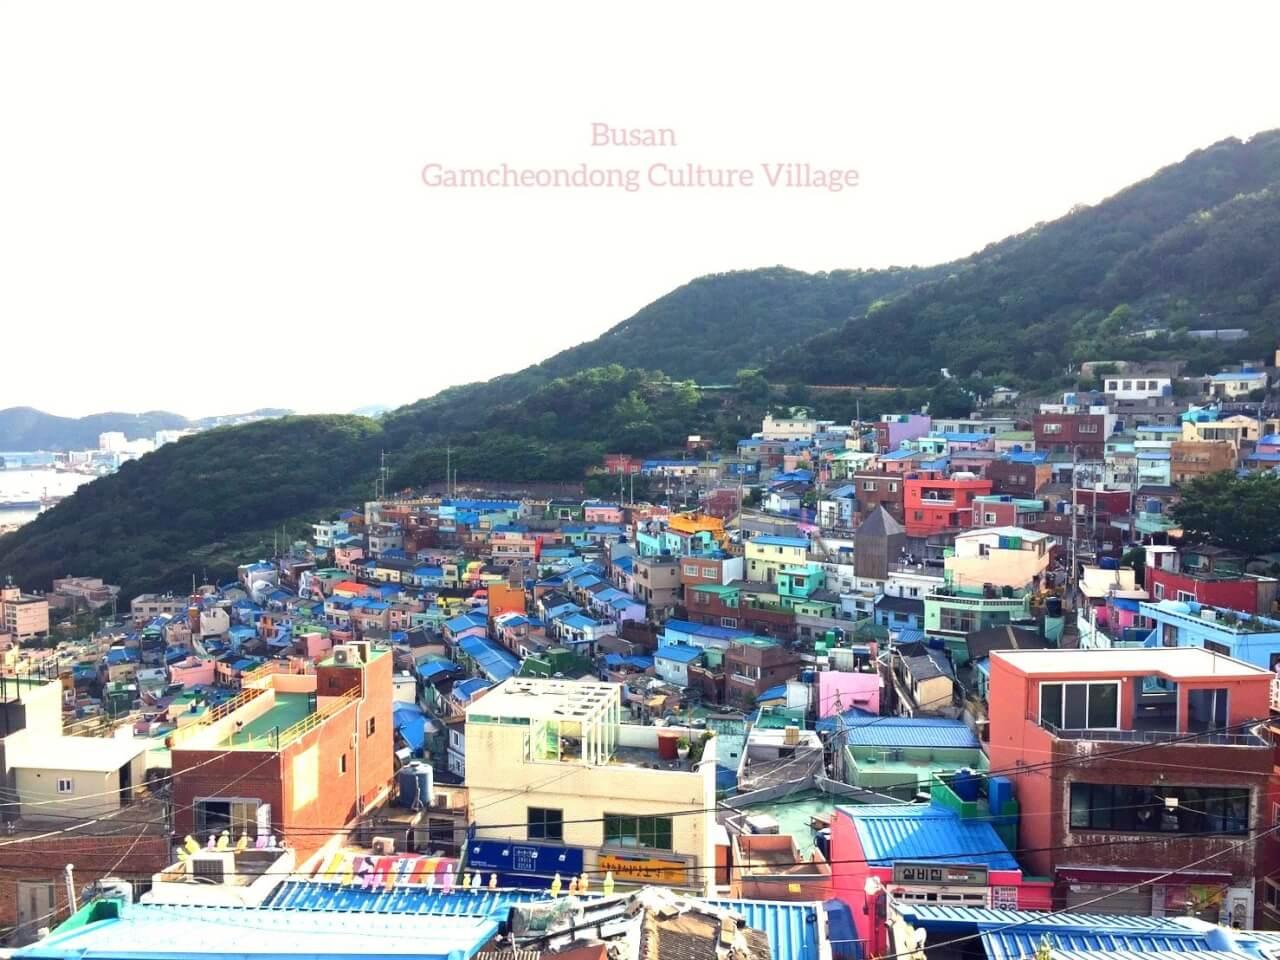 【釜山遊記:甘川洞文化村】藍色屋頂、粉色矮牆,色彩是貧窮村落的翻身手段